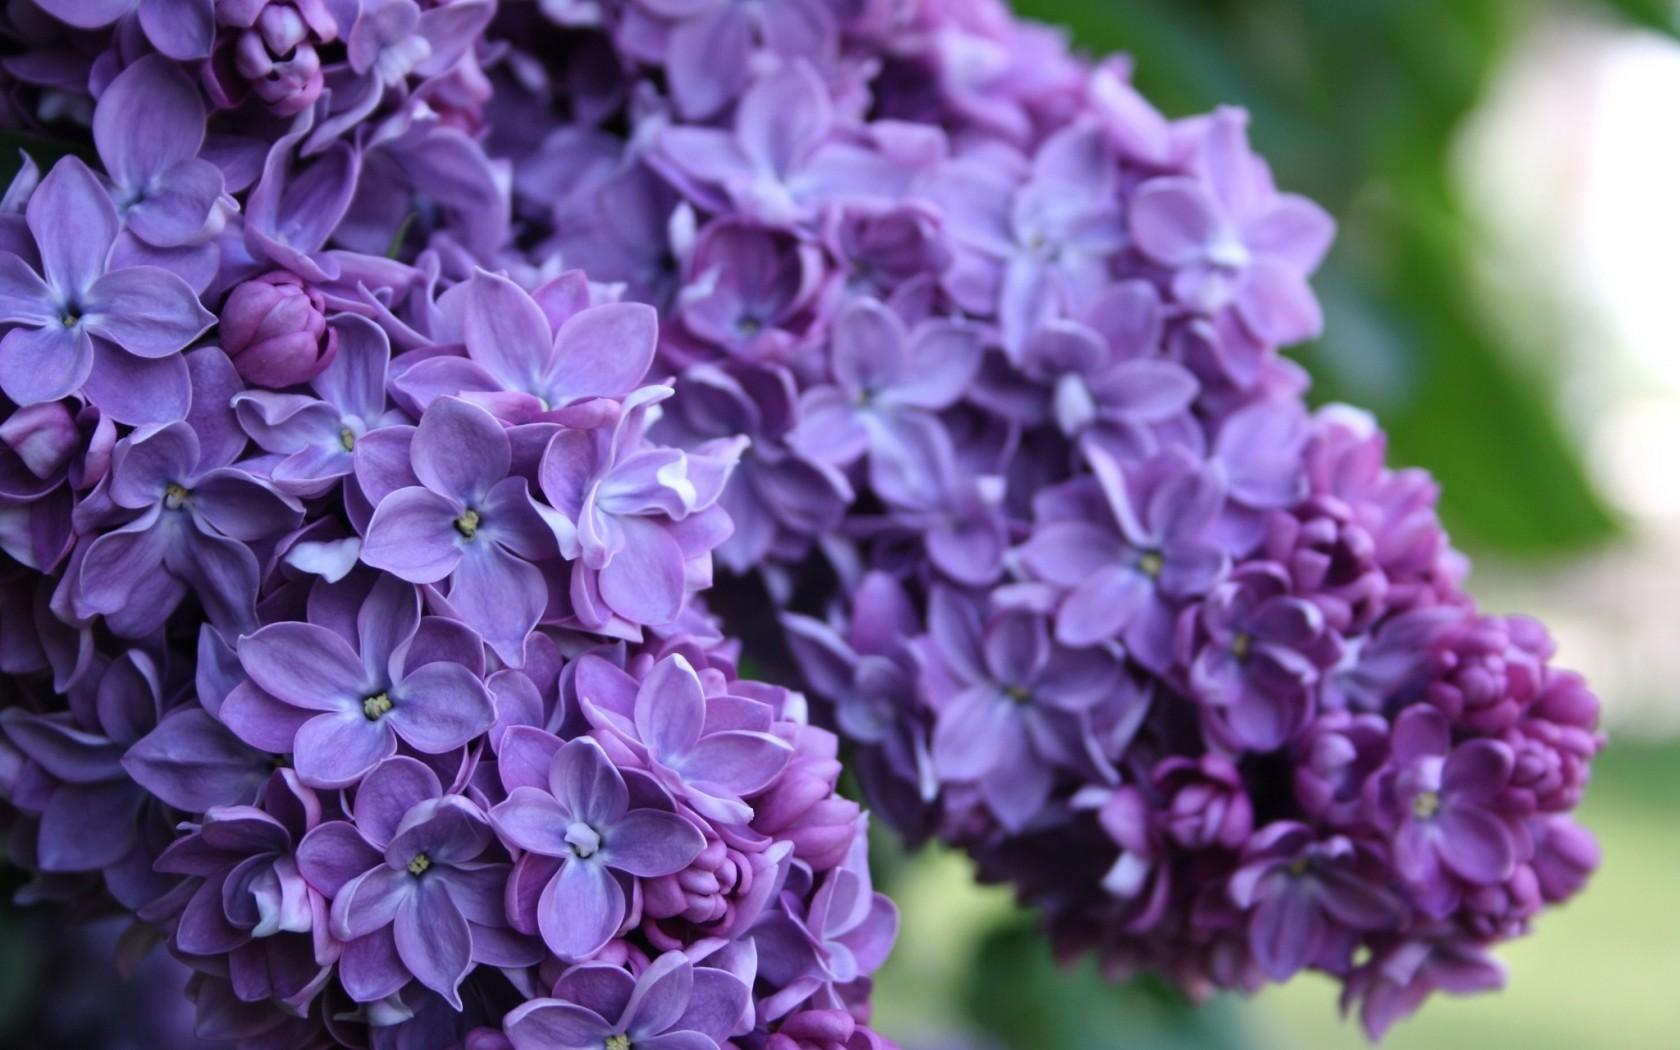 lilac blossom flower